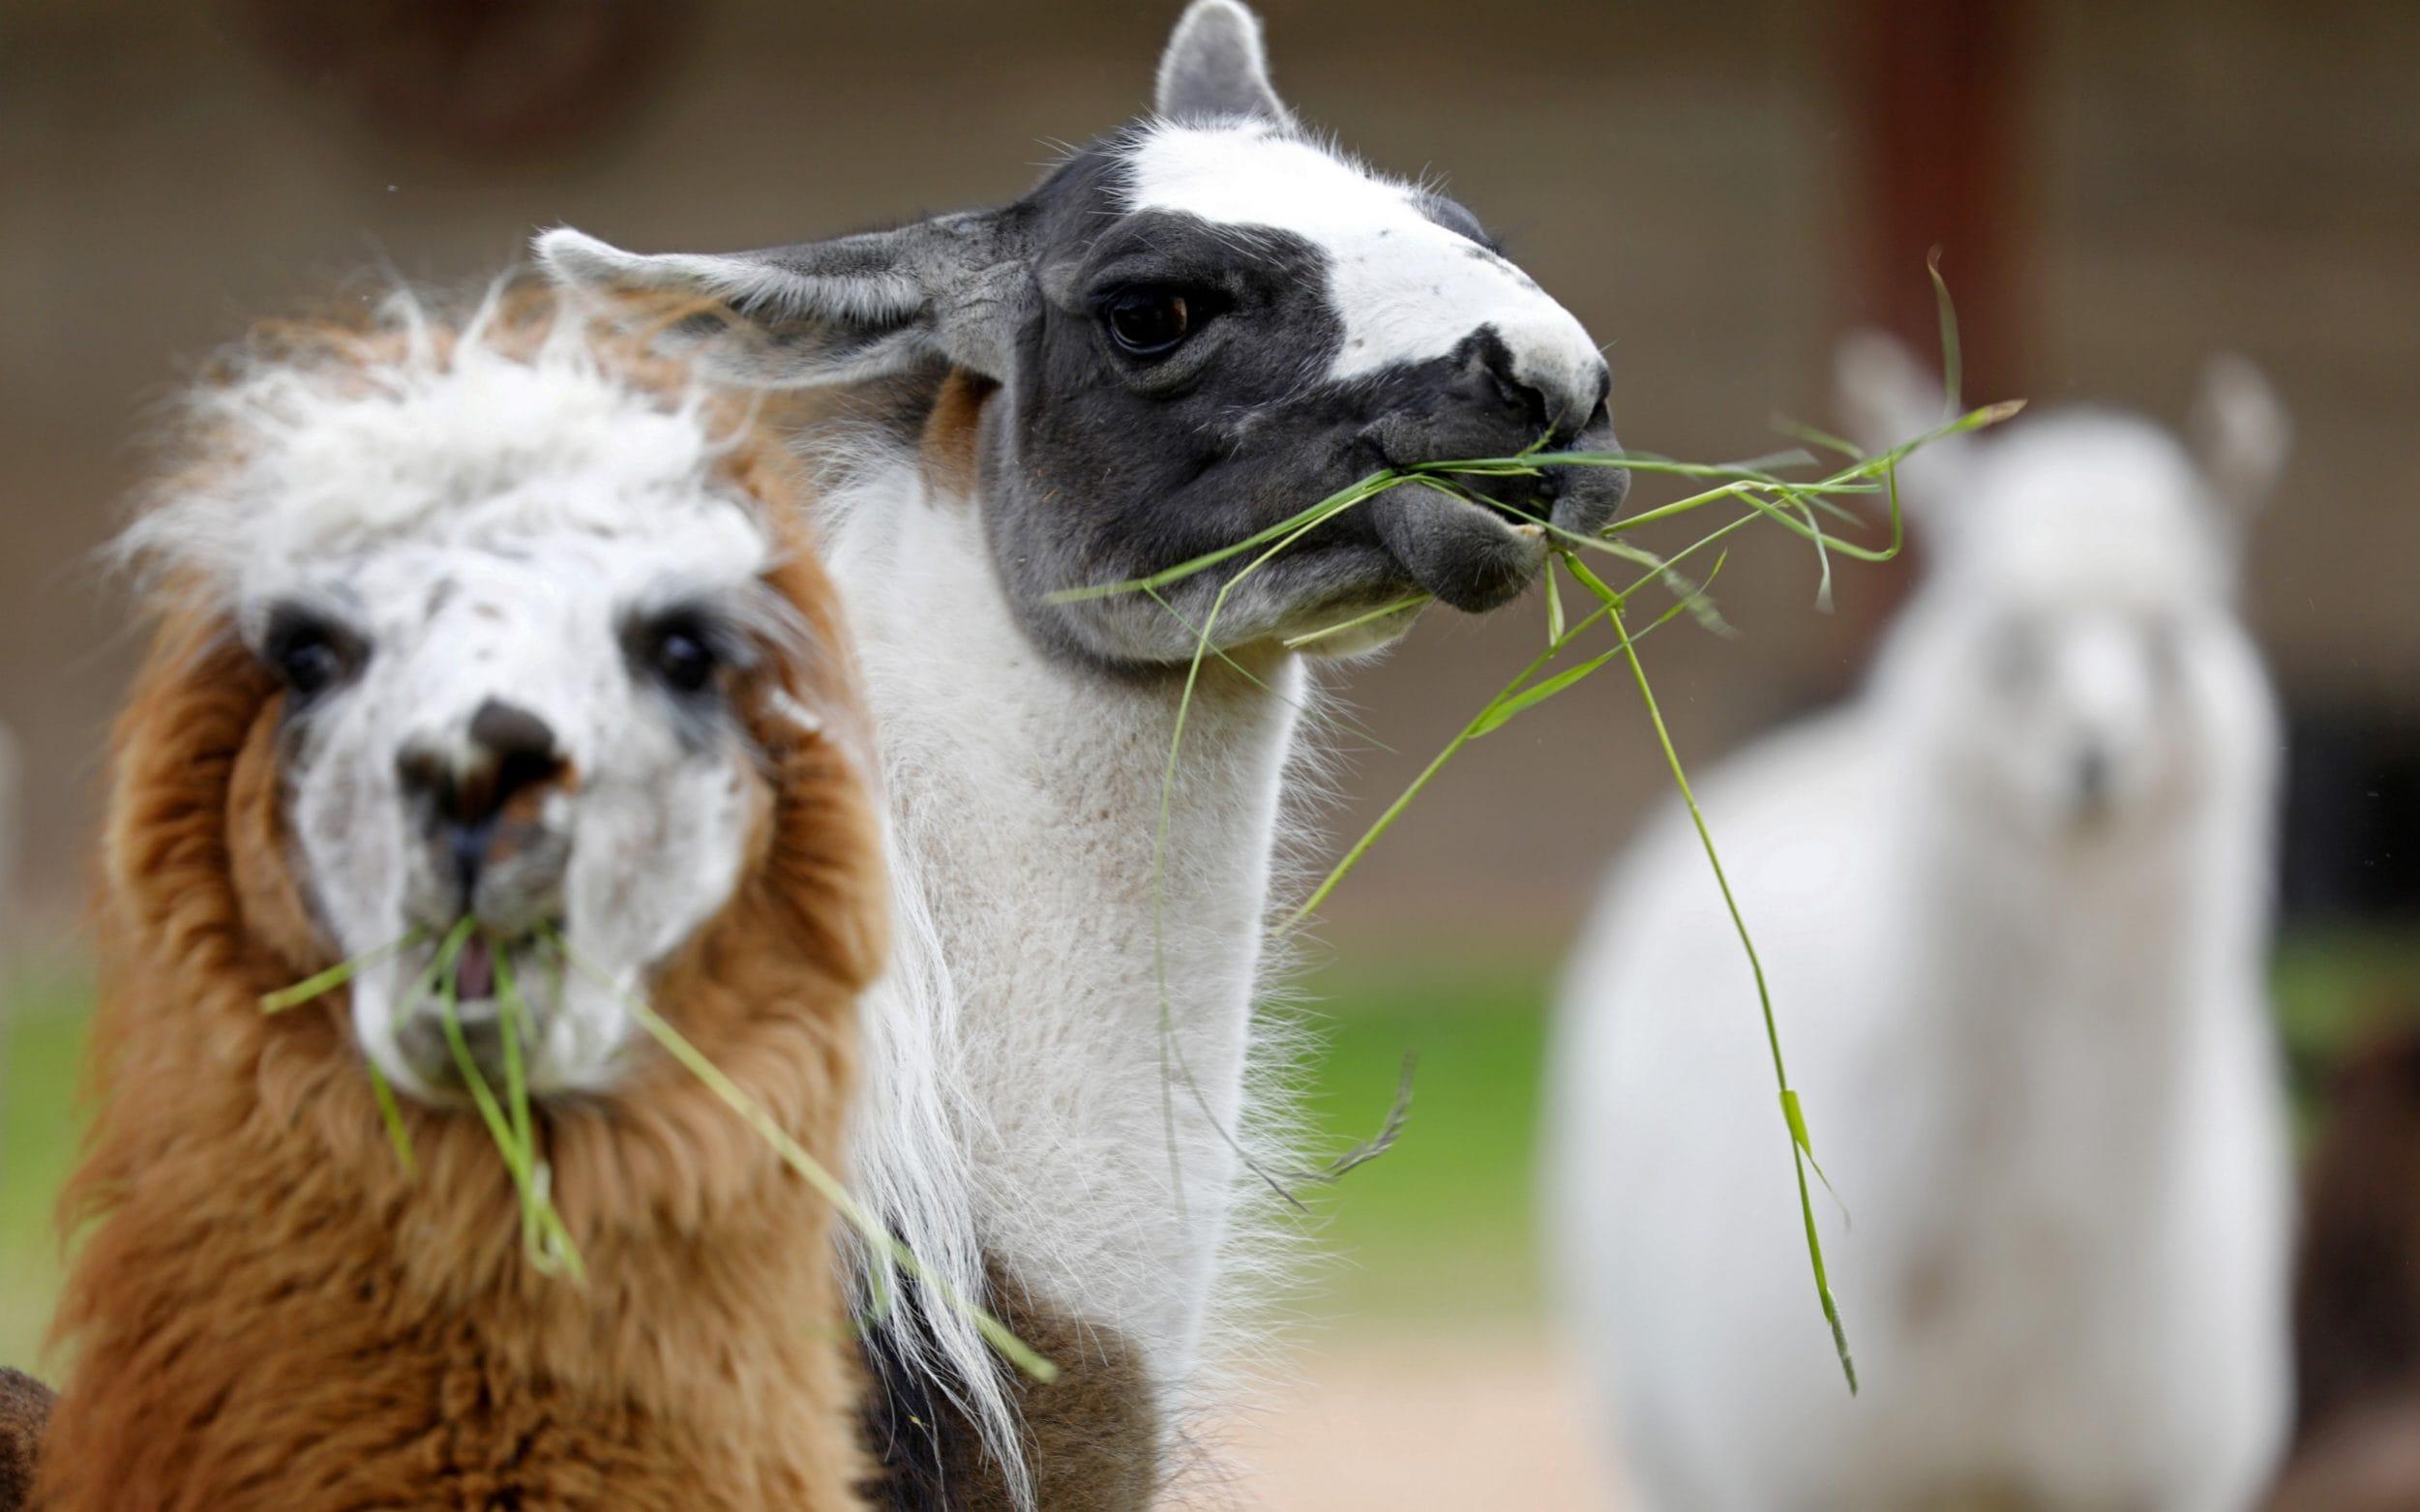 NNN: Investigadores de la agencia de ciencia nuclear de Australia han revelado que el sistema inmunológico único de las alpacas podría ser la clave para los avances del coronavirus. La Organización Australiana de Ciencia y Tecnología Nuclear (ANSTO) y el Instituto Walter y Eliza Hall (WEHI) dijeron el martes que están estudiando anticuerpos de alpaca […]